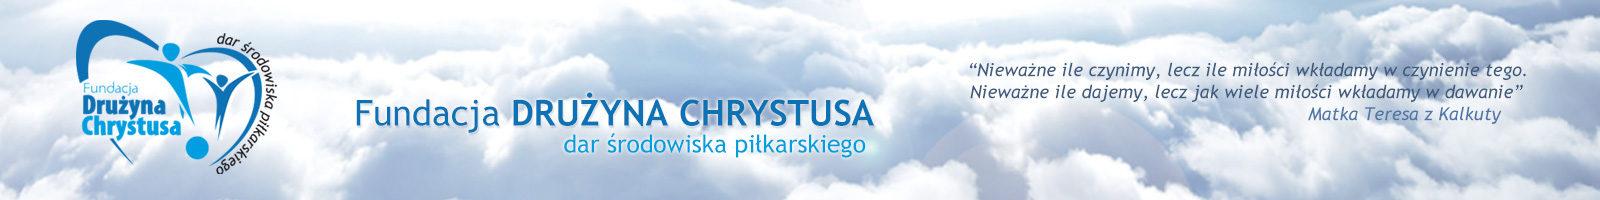 Fundacja DRUŻYNA CHRYSTUSA